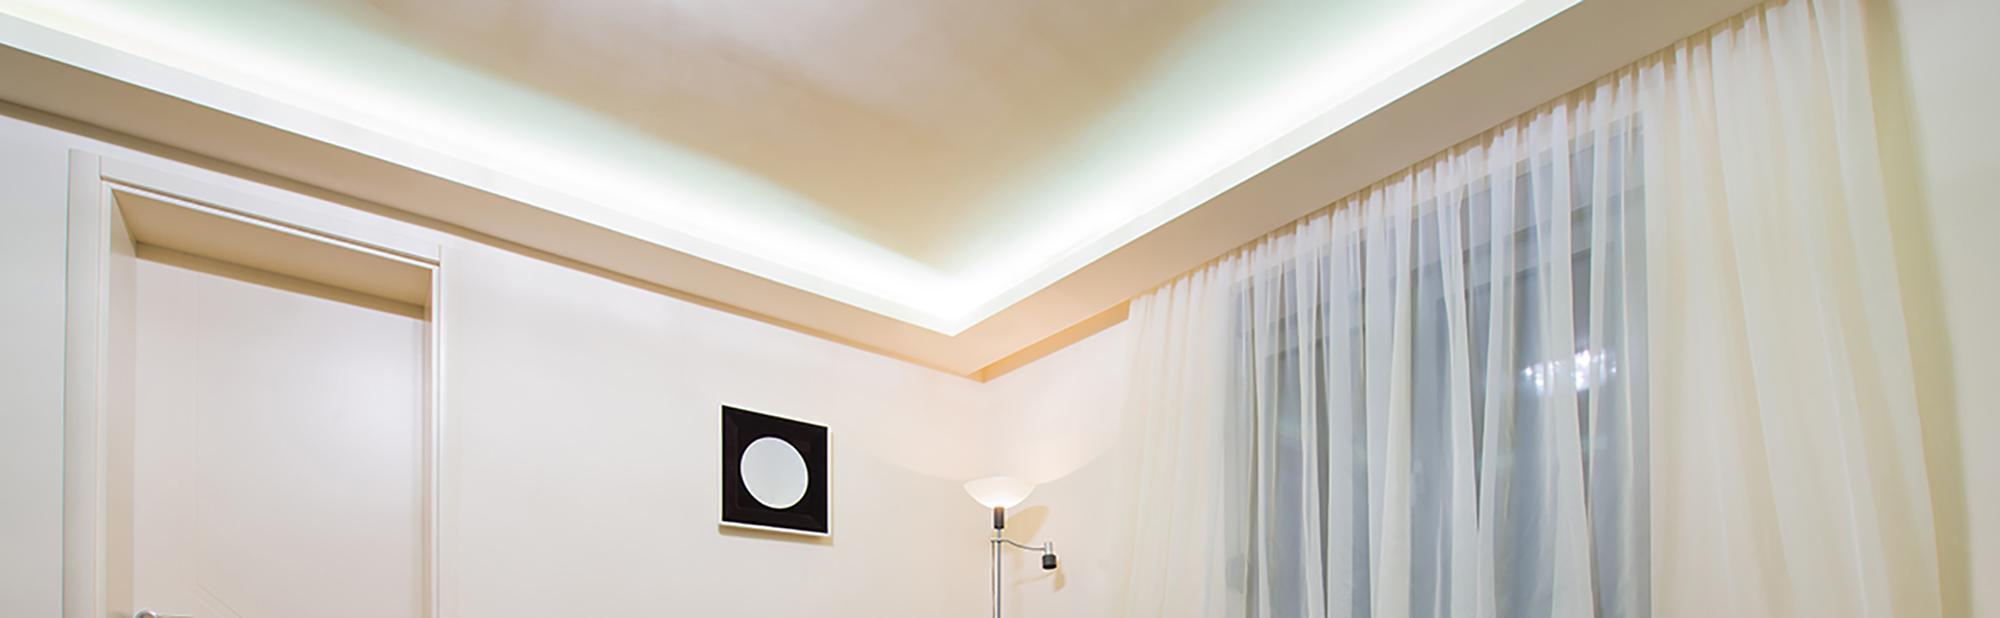 LED_Beleuchtung_Bocholt_004